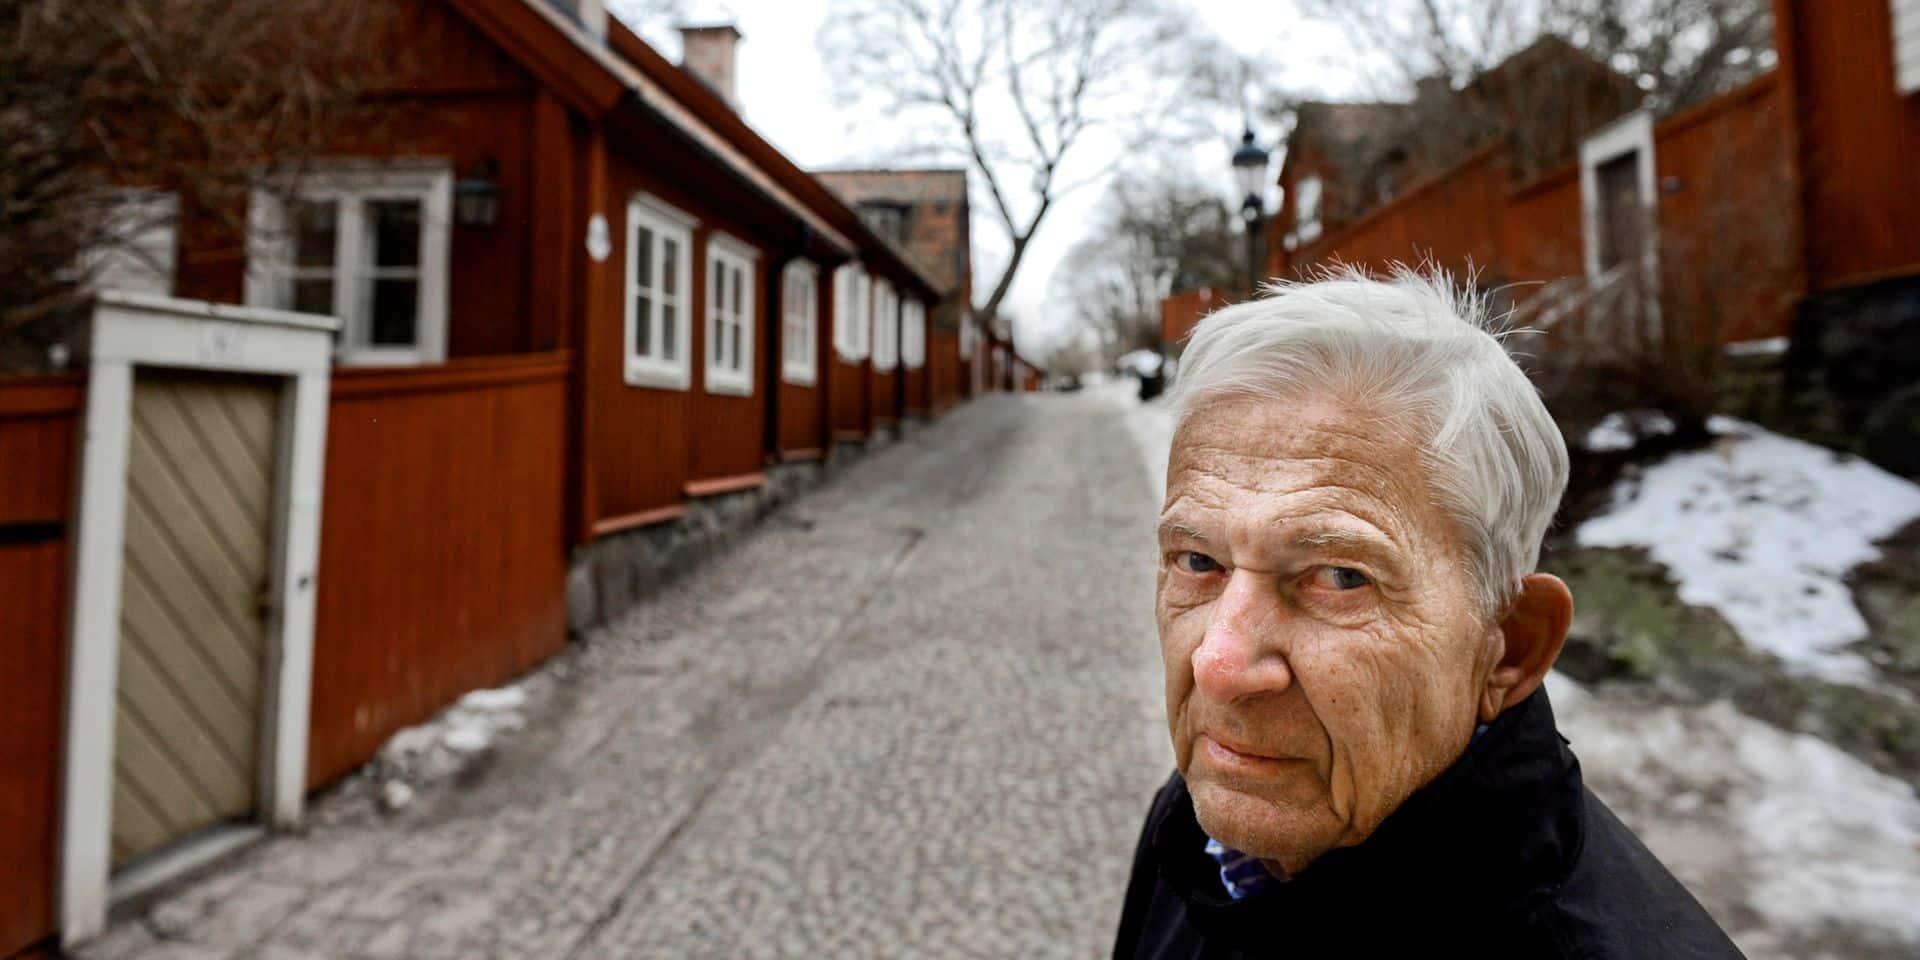 Per Olov Enquist, au cœur de la Suède et de ses travers